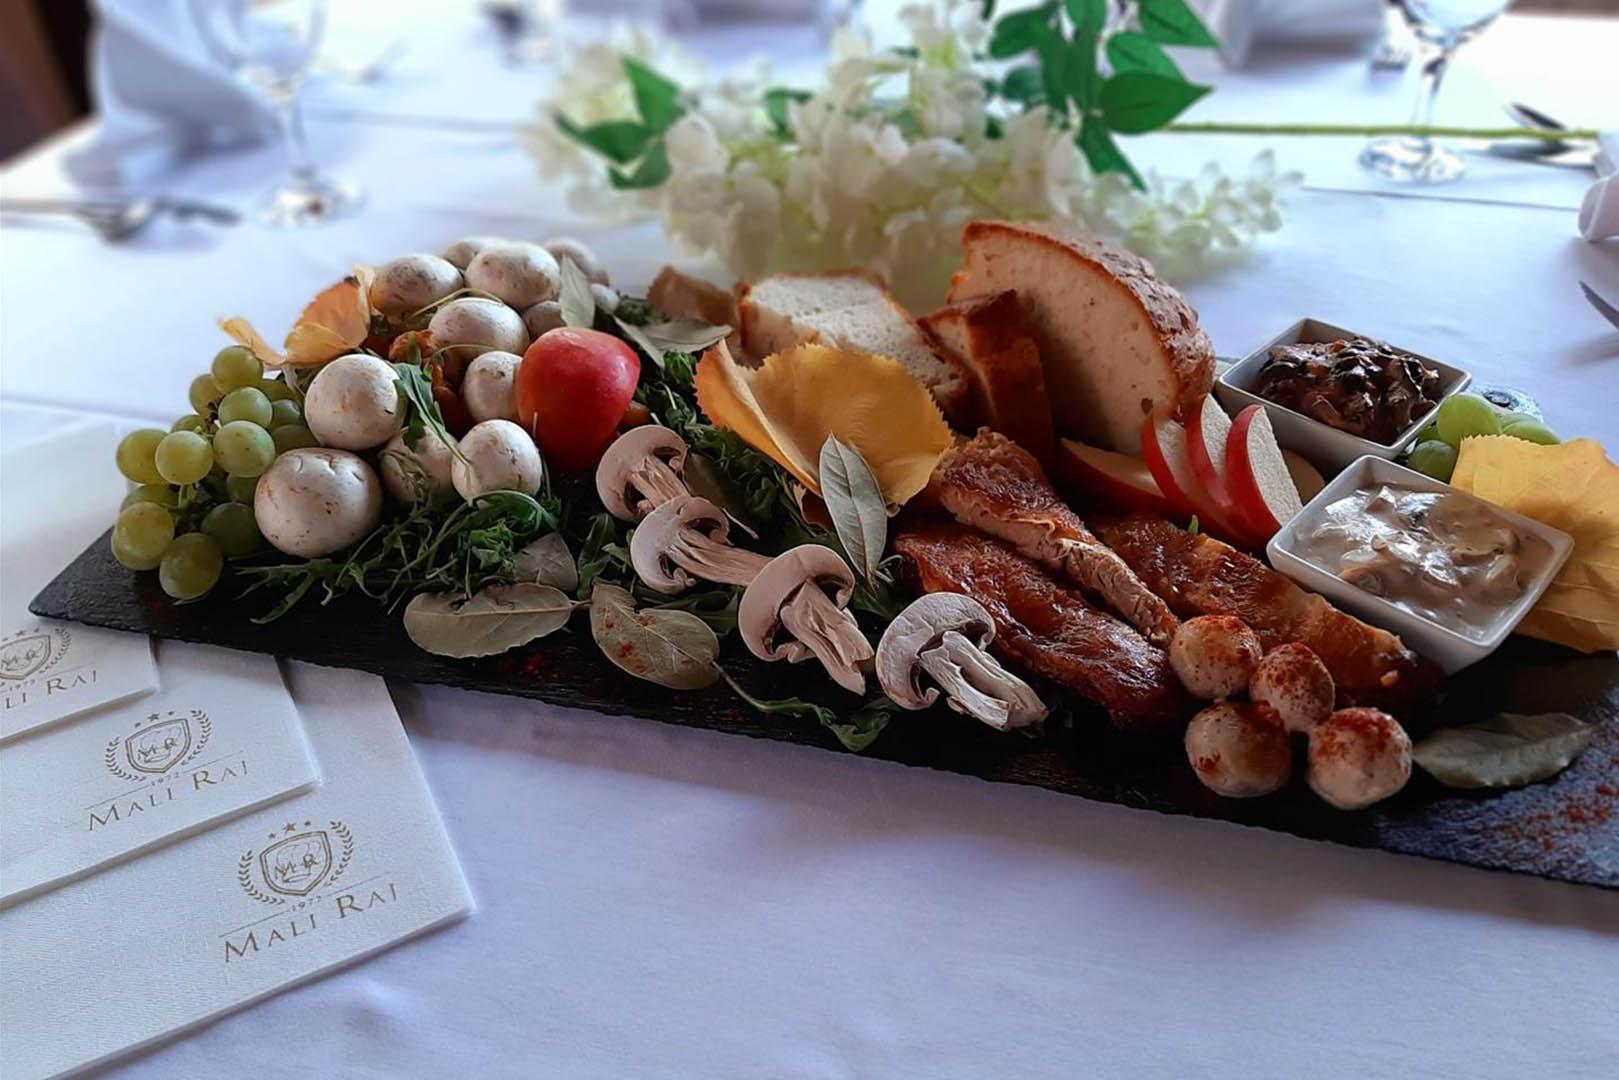 Mali raj - Restoran 10